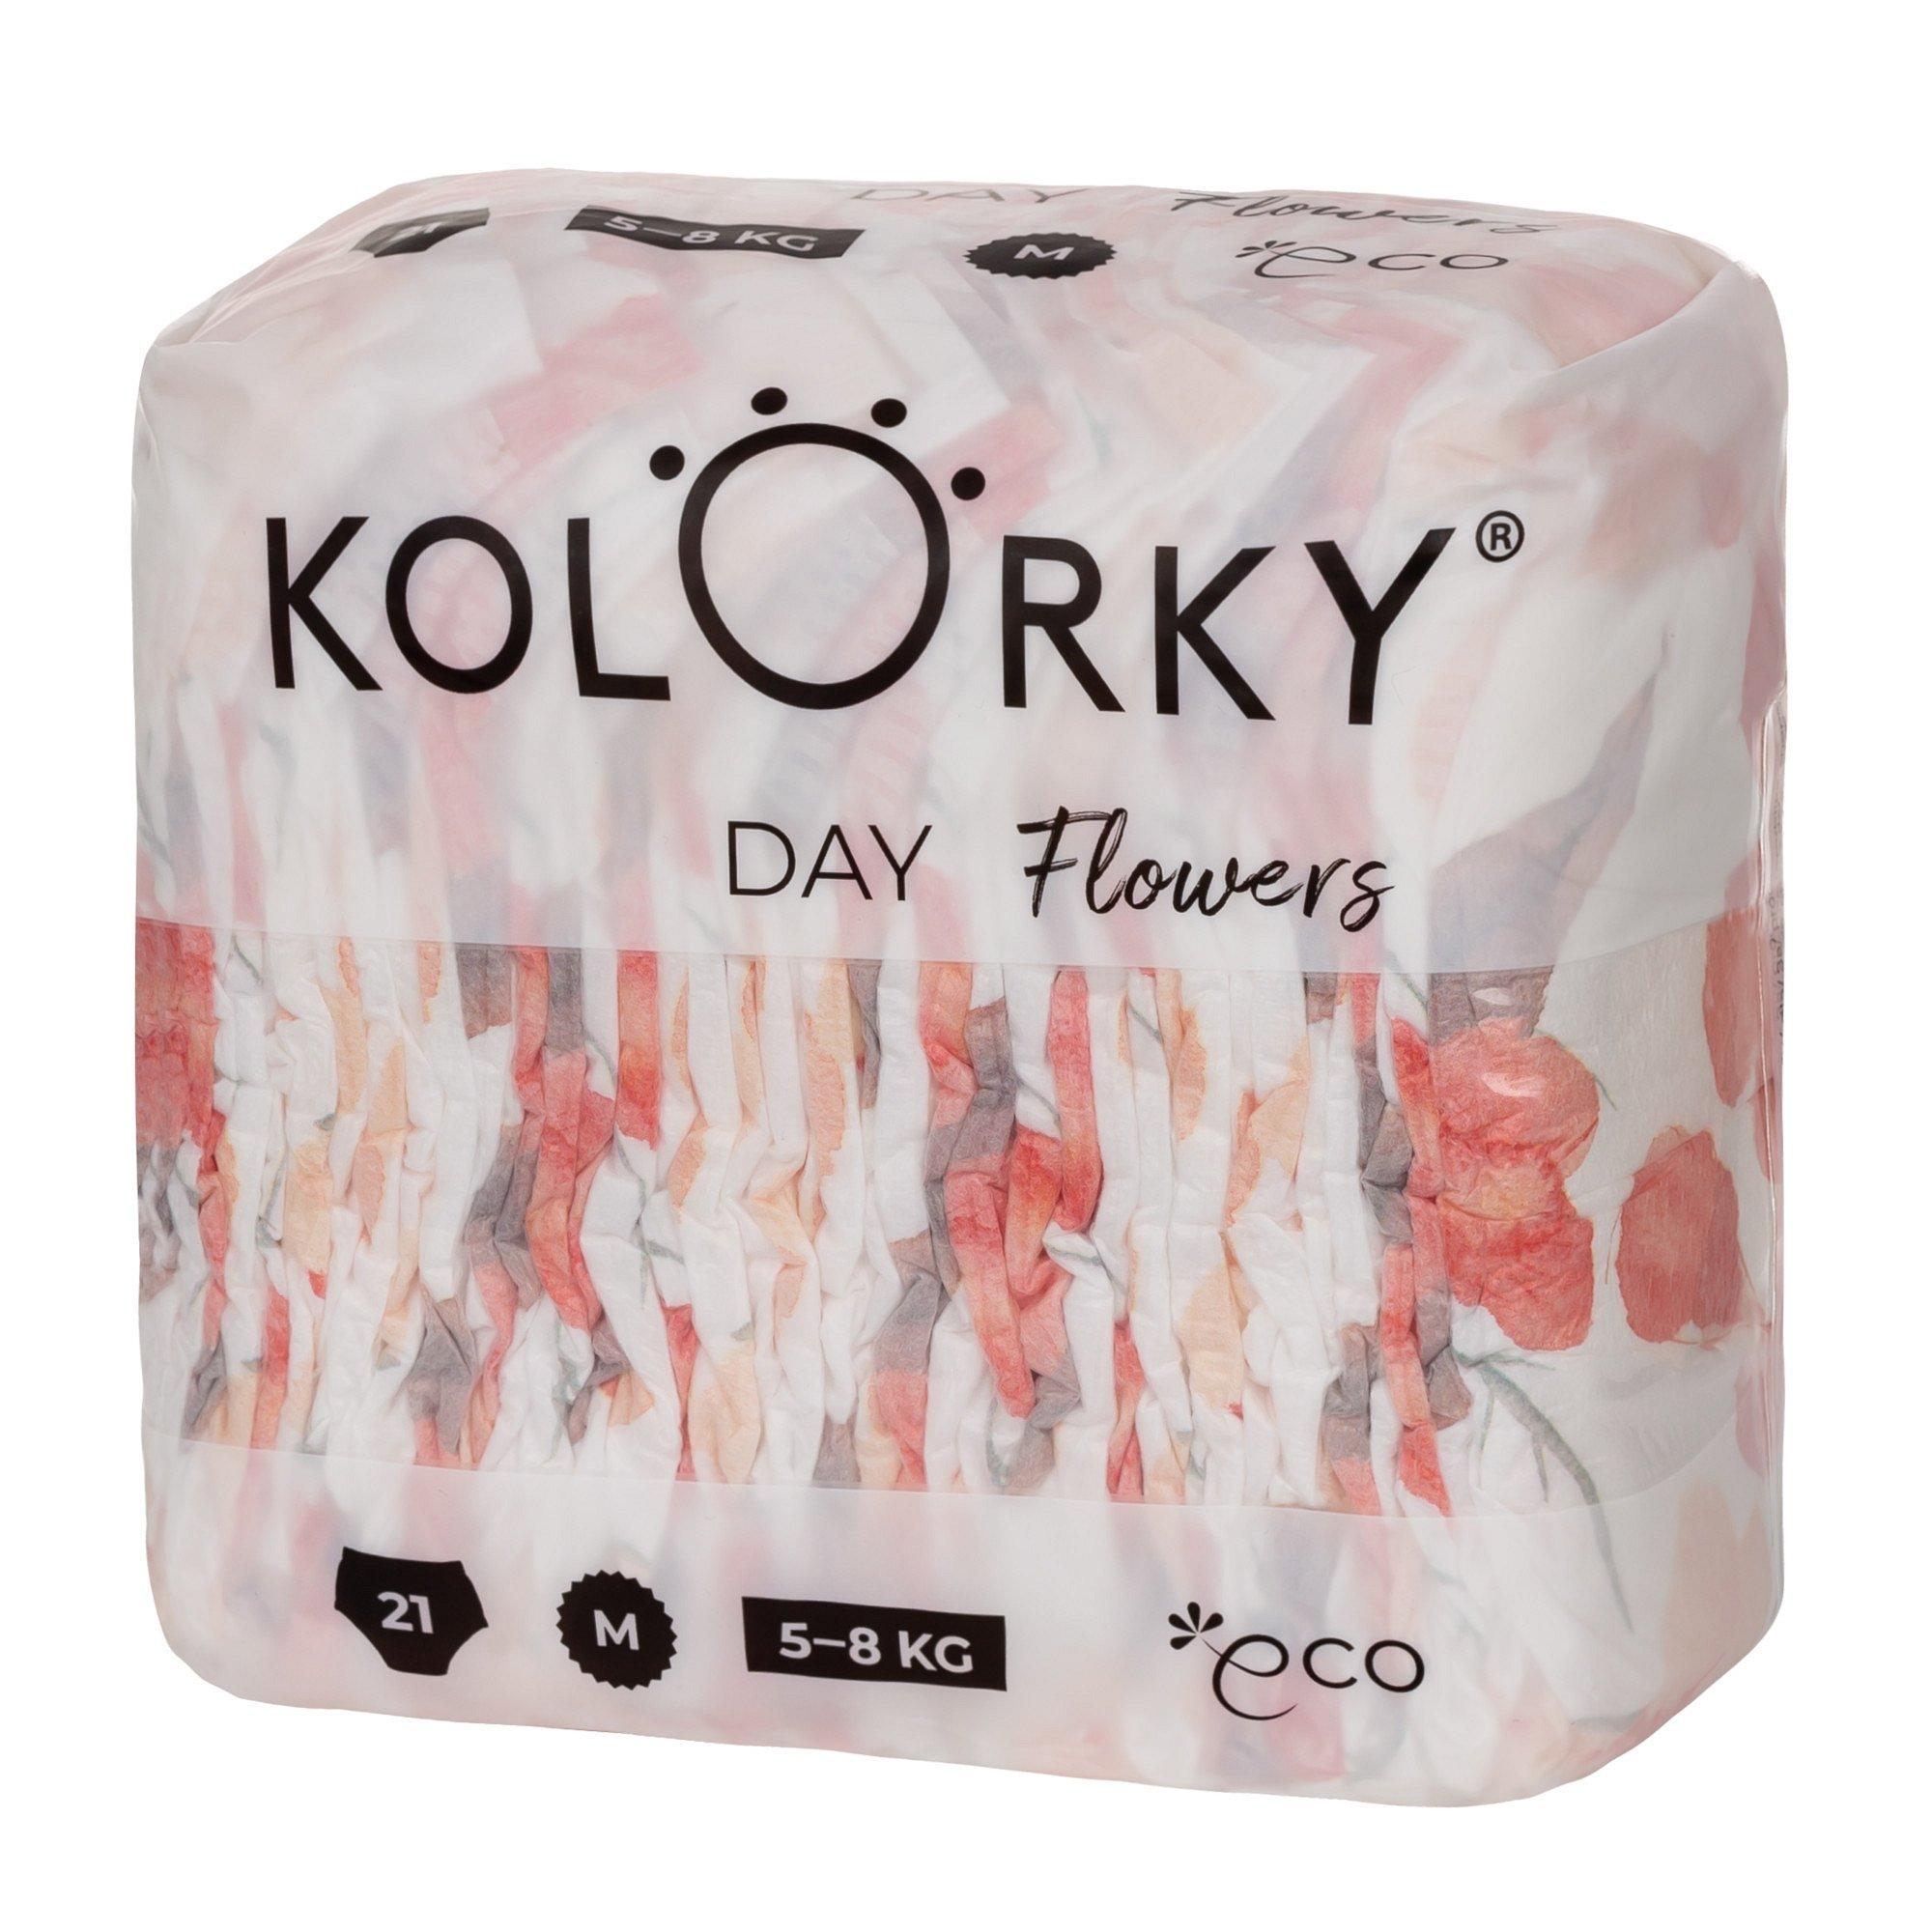 Kolorky DAY - květy - M (5-8 kg) jednorázové eko plenky 21ks